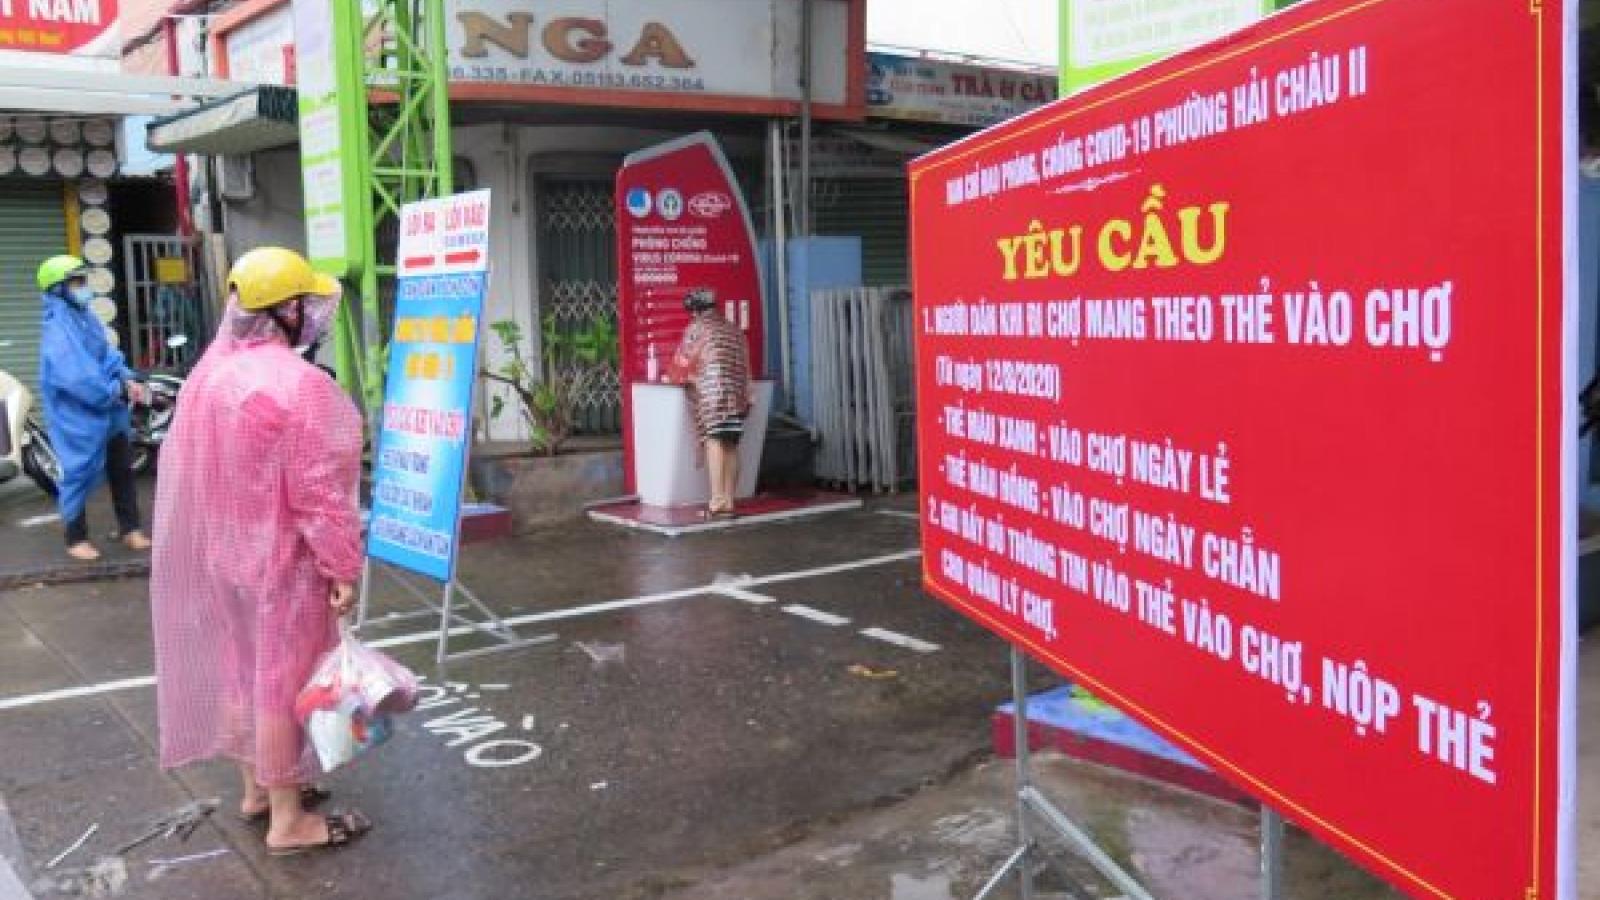 Ảnh: Ngày đầu tiên người Đà Nẵng dùng thẻ đi chợ phòng ngừa Covid-19